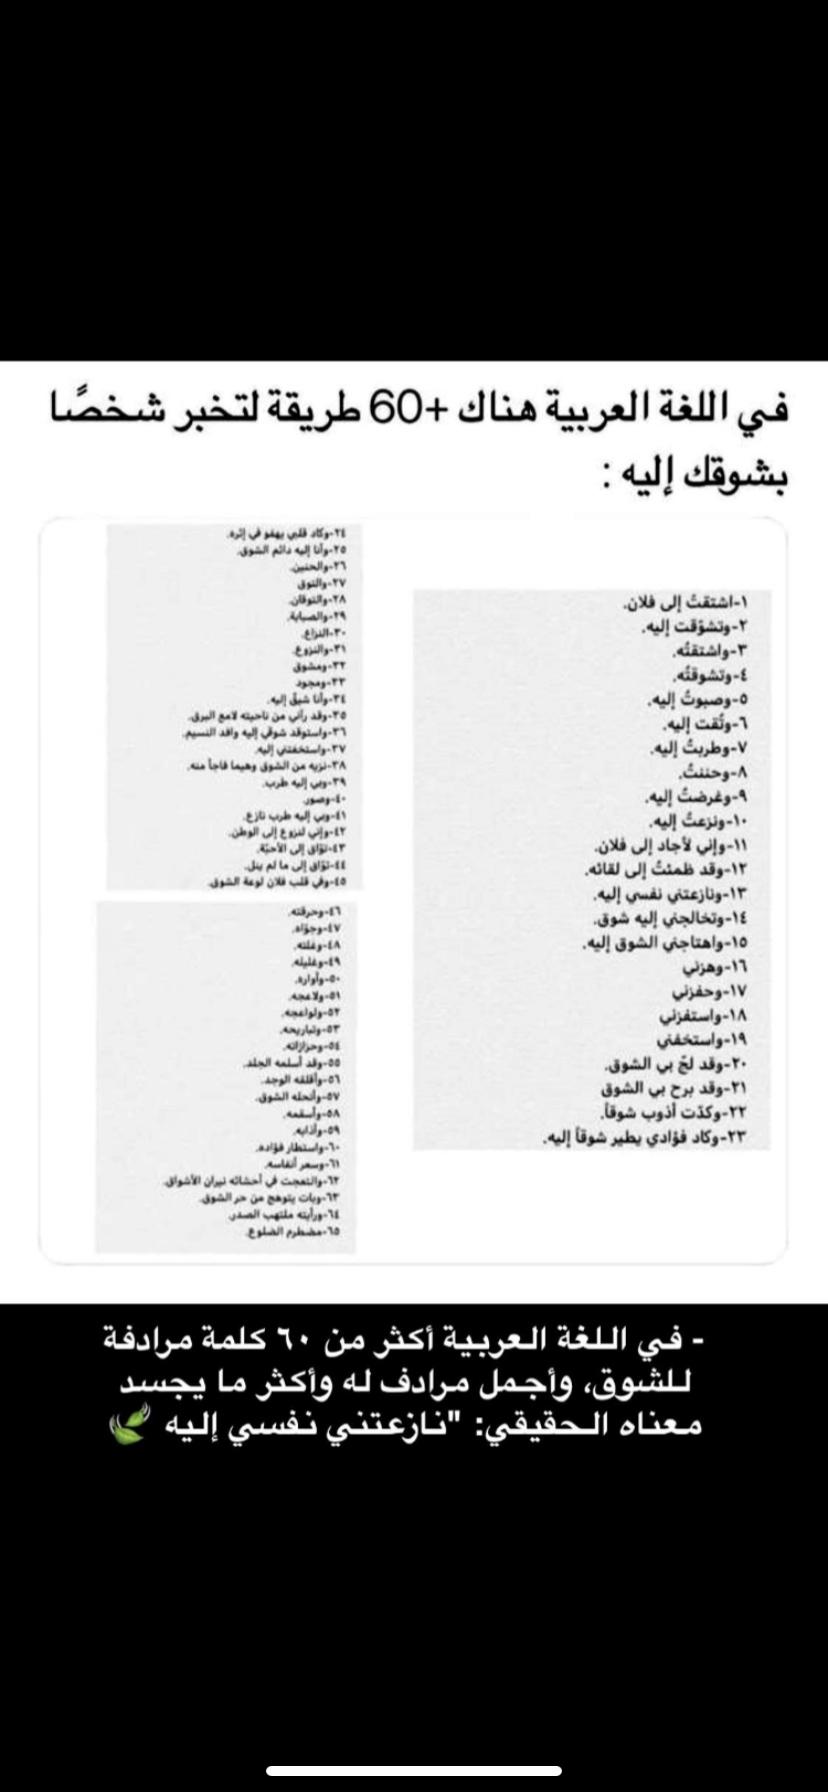 Pin By Mona El Roo7 On Love In My Feelings Feelings Mobile Boarding Pass